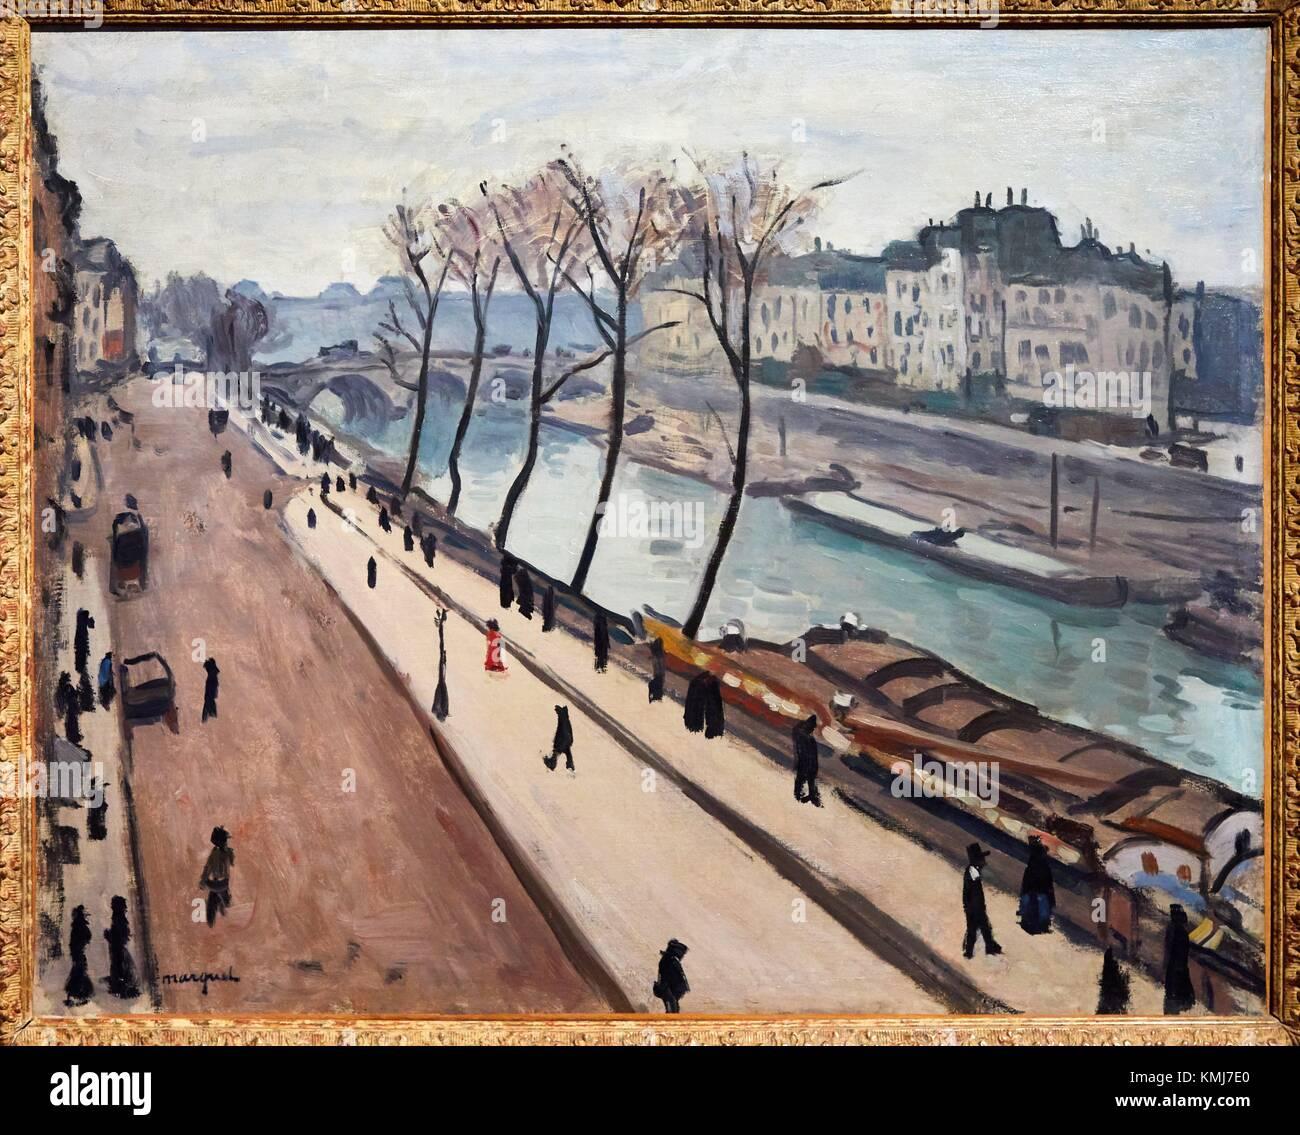 La Seine vue du quai des Grands-Augustins, 1906, Albert Marquet, Musée d'Art Moderne, Troyes, Champagne - Stock Image